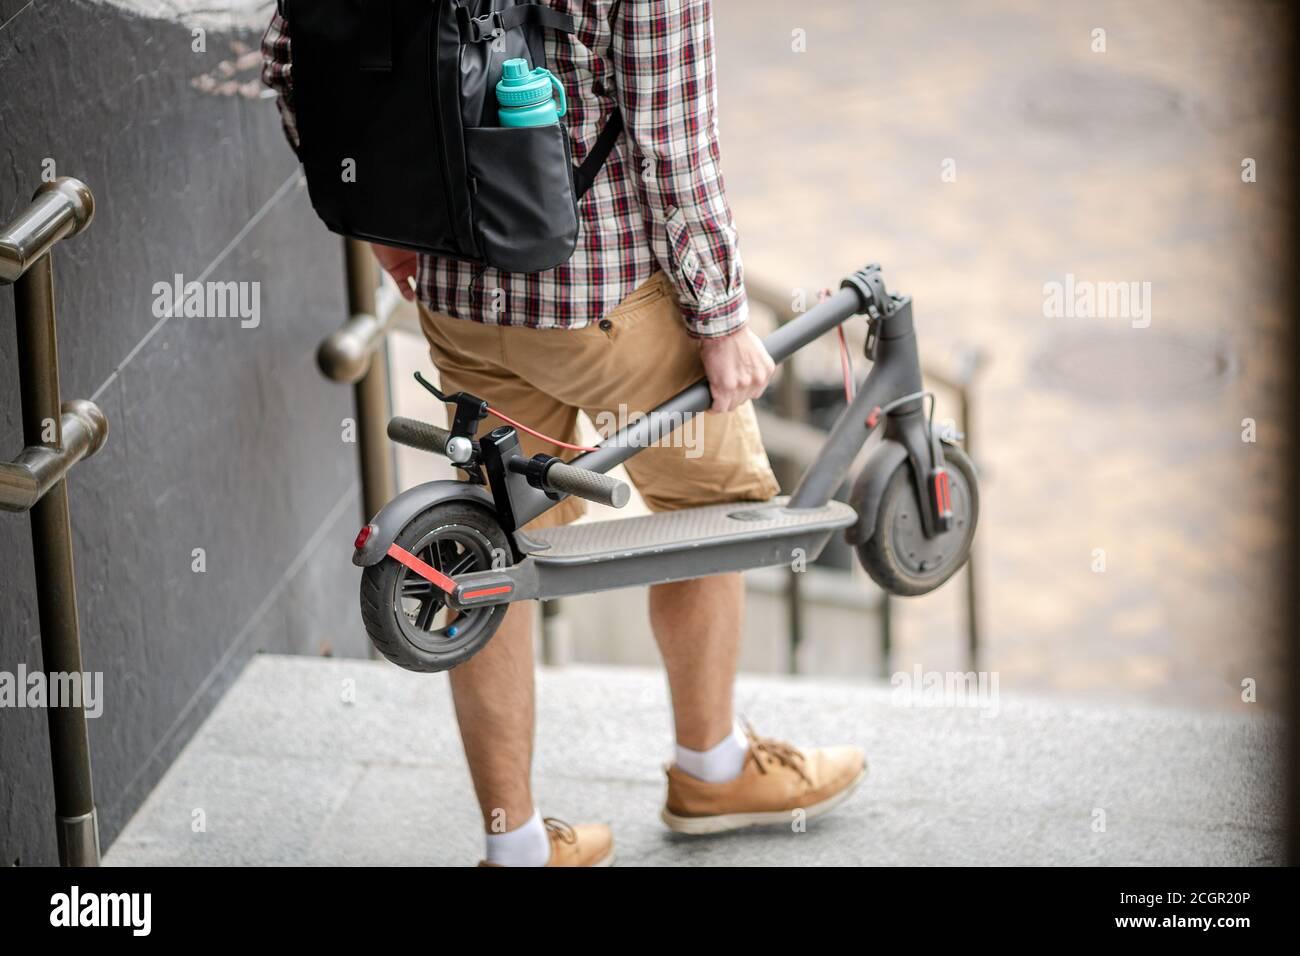 Der junge Kaukasusmann in legerer Kleidung mit Rucksack trägt einen gefalteten Elektroroller in der Hand die Treppe eines Bürogebäudes hinauf. Mann Trägt Stockfoto